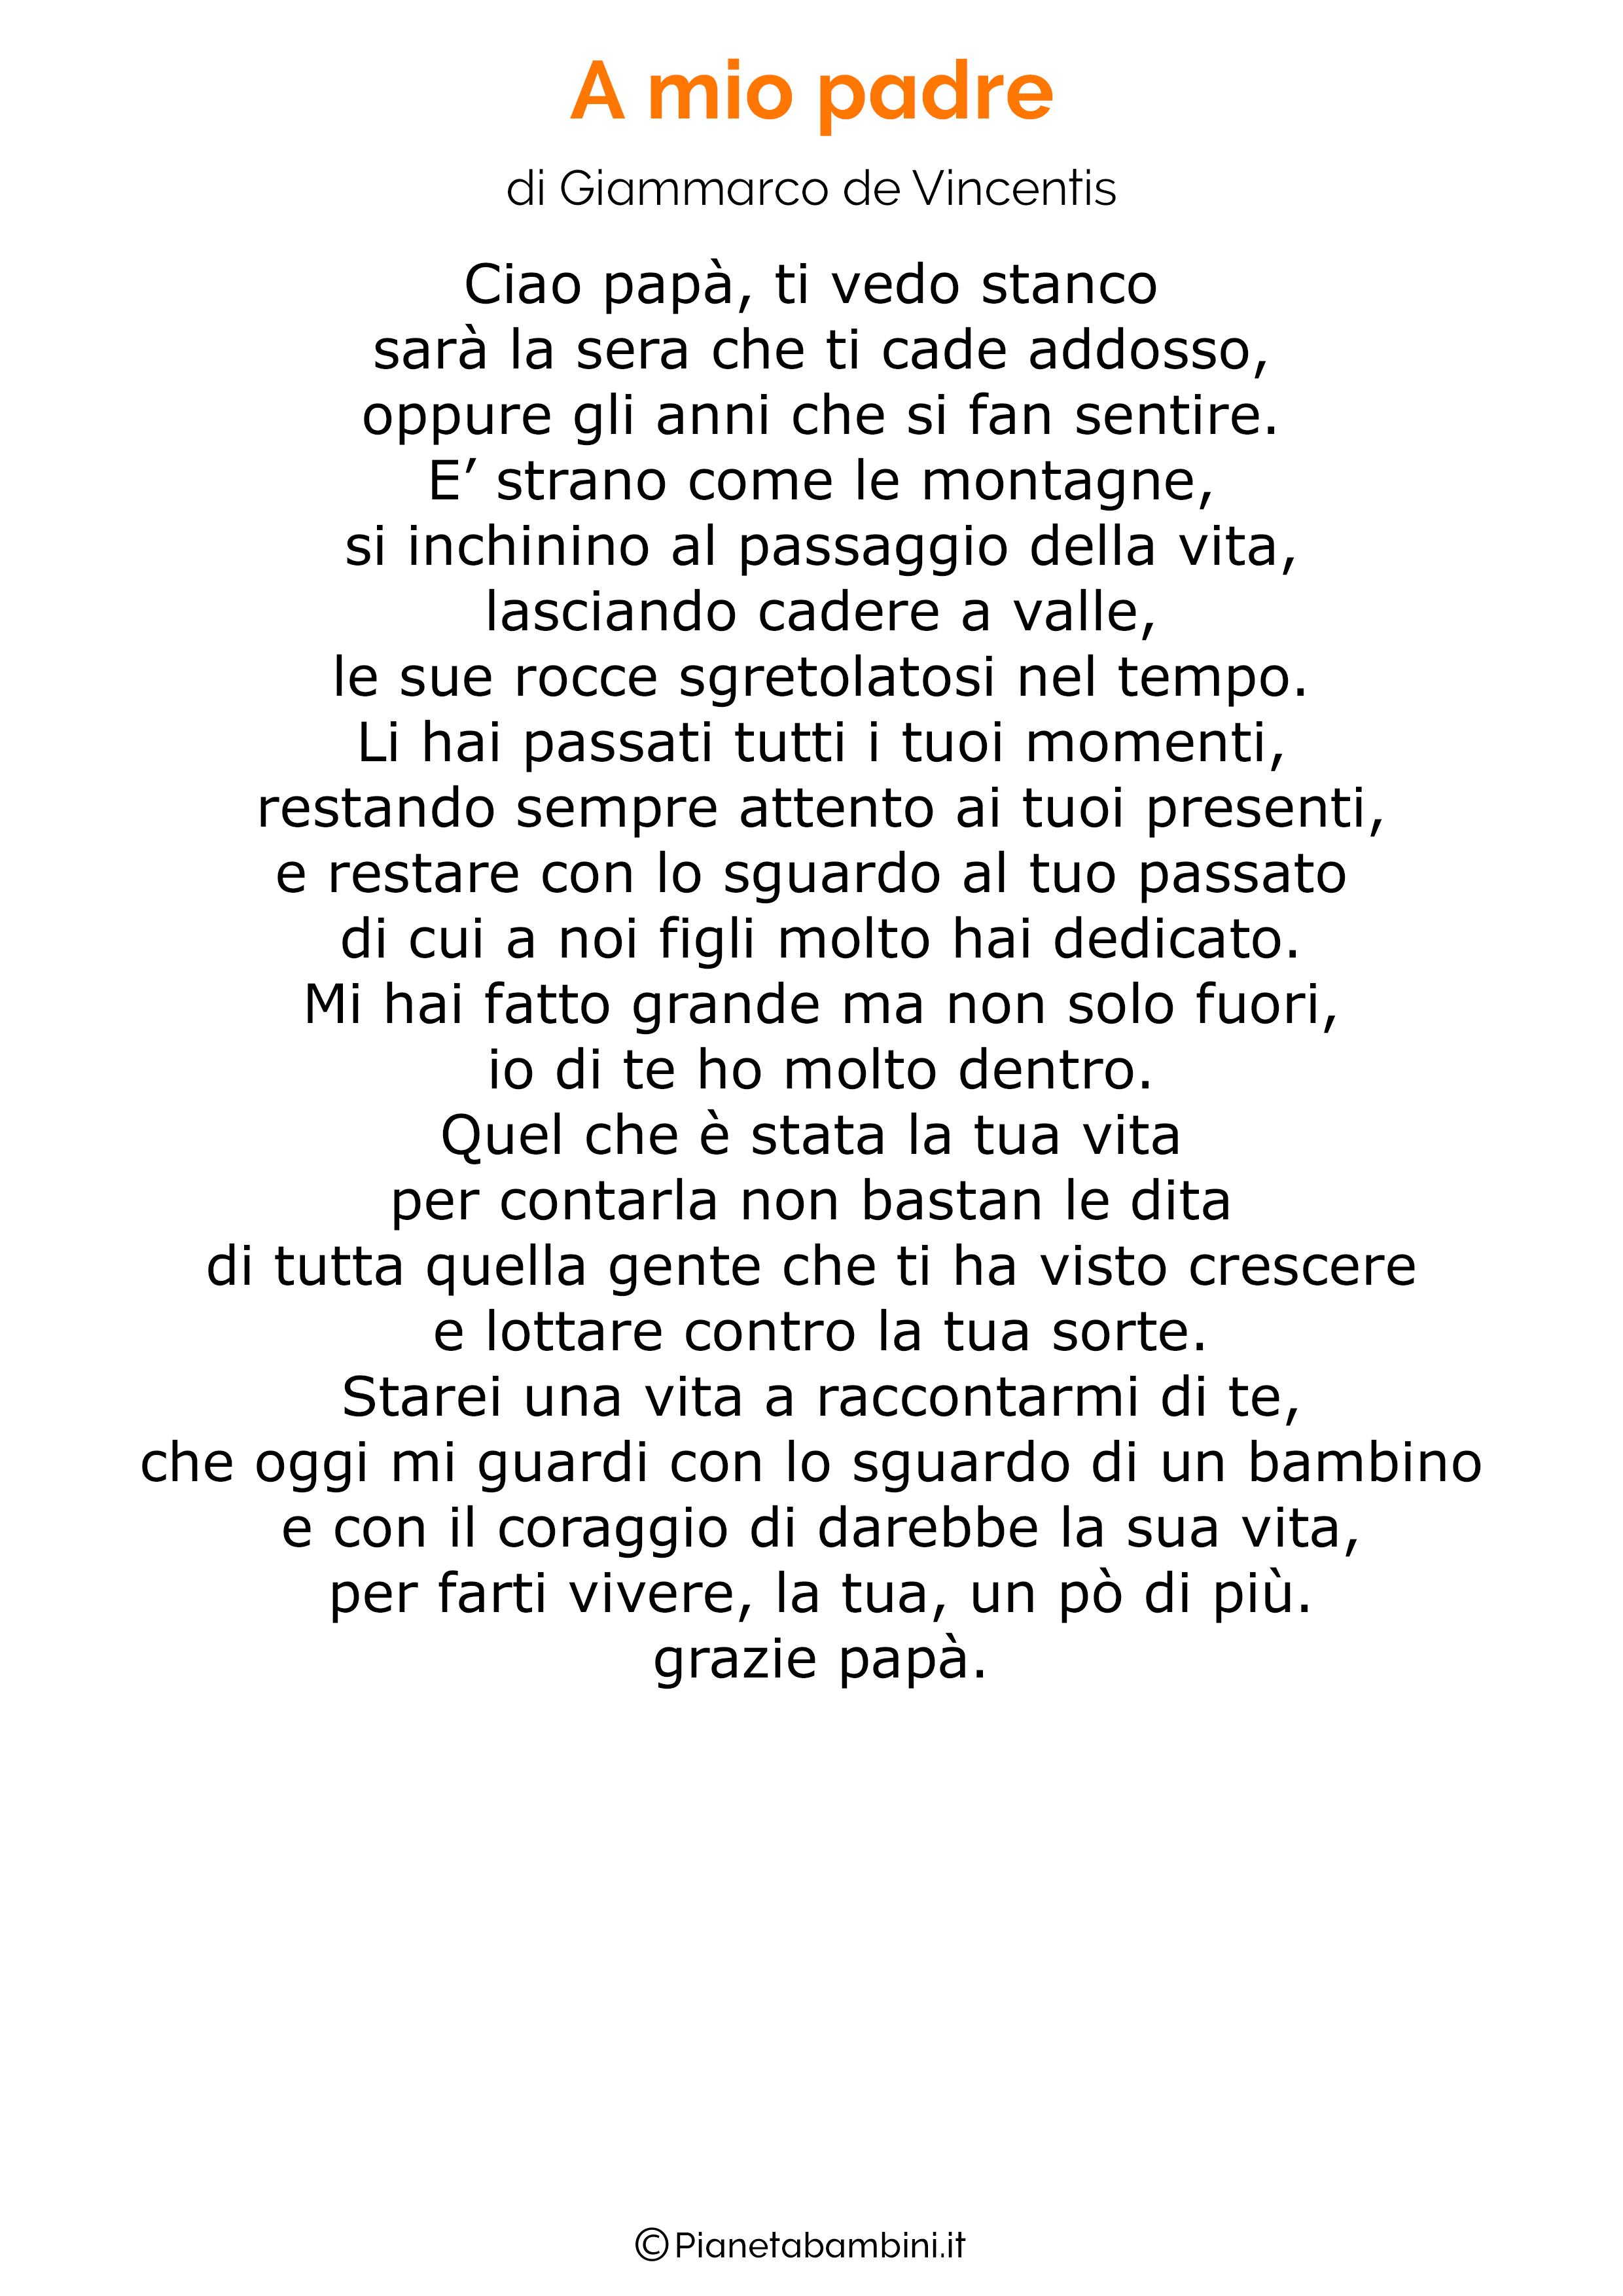 Poesia per la festa del papa per bambini 33